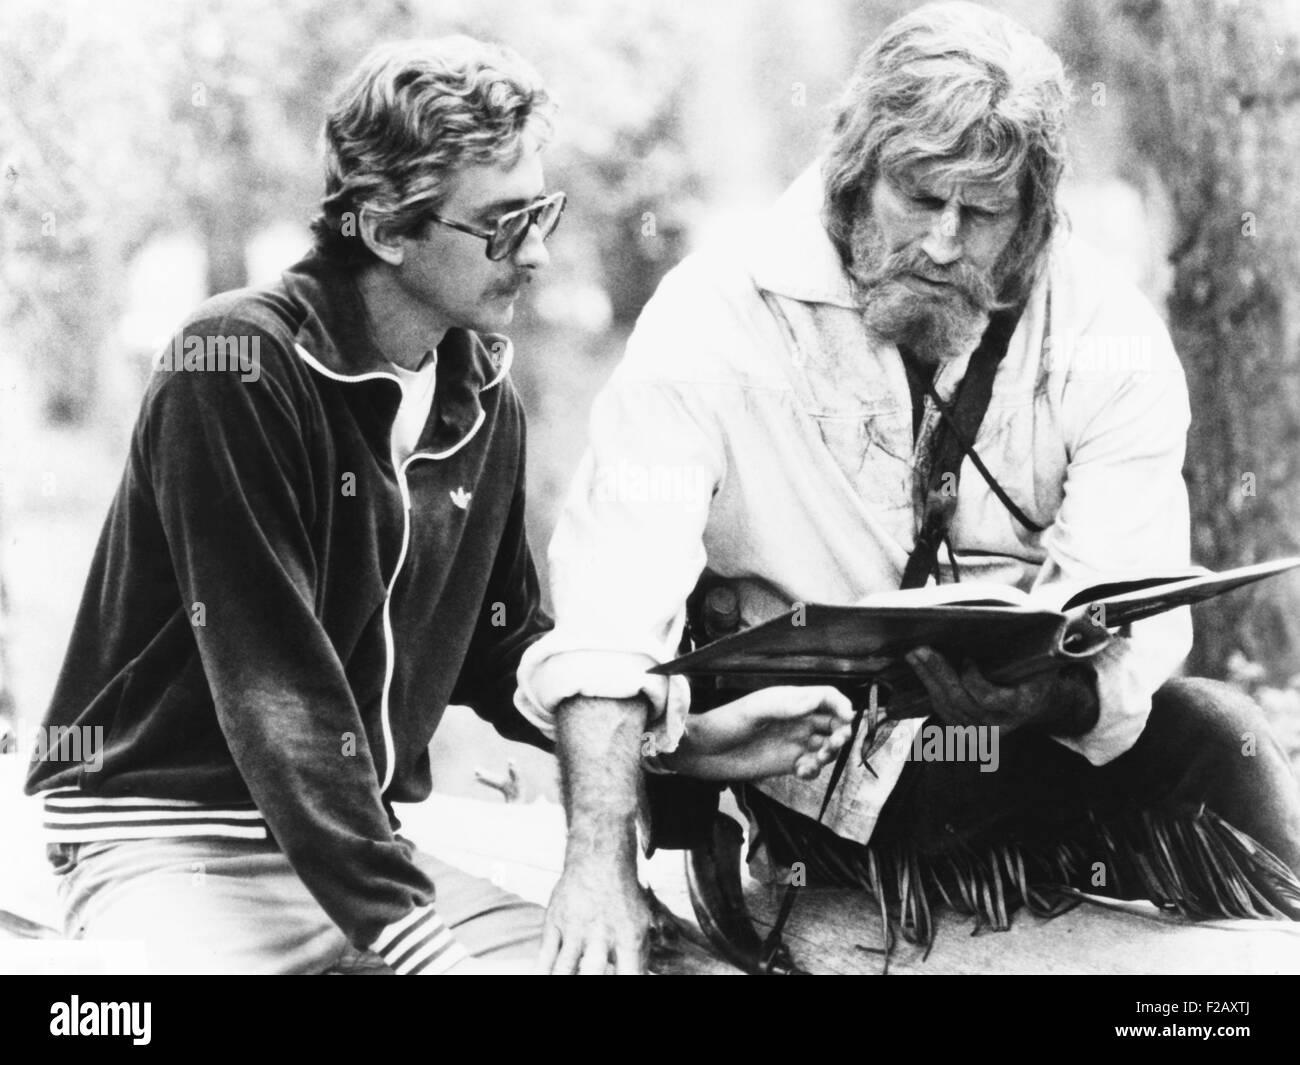 Le scénariste Fraser Clark Heston (à gauche) discute d'une scène avec son père, Charlton Photo Stock